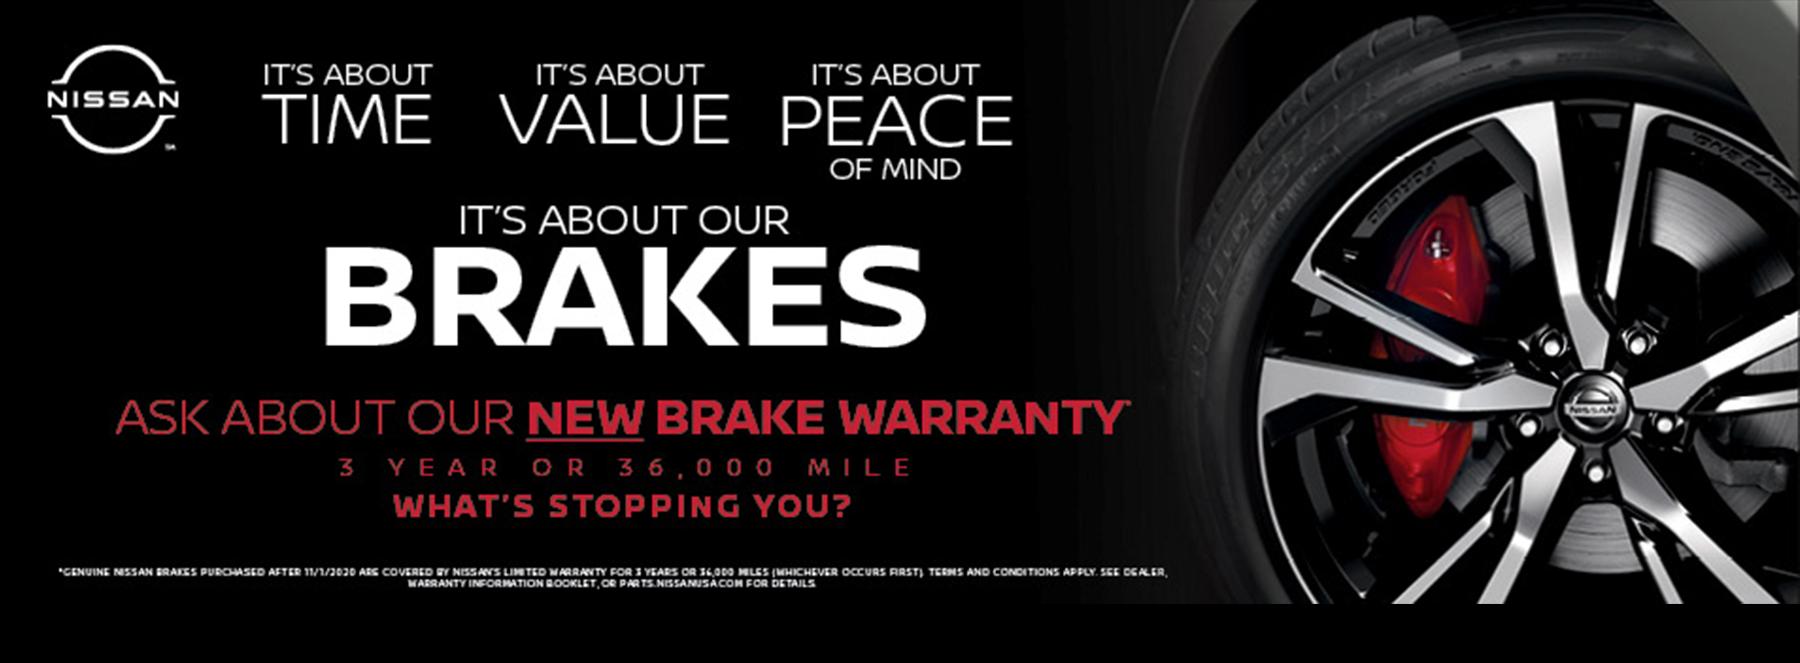 Nissan Brake Warranty